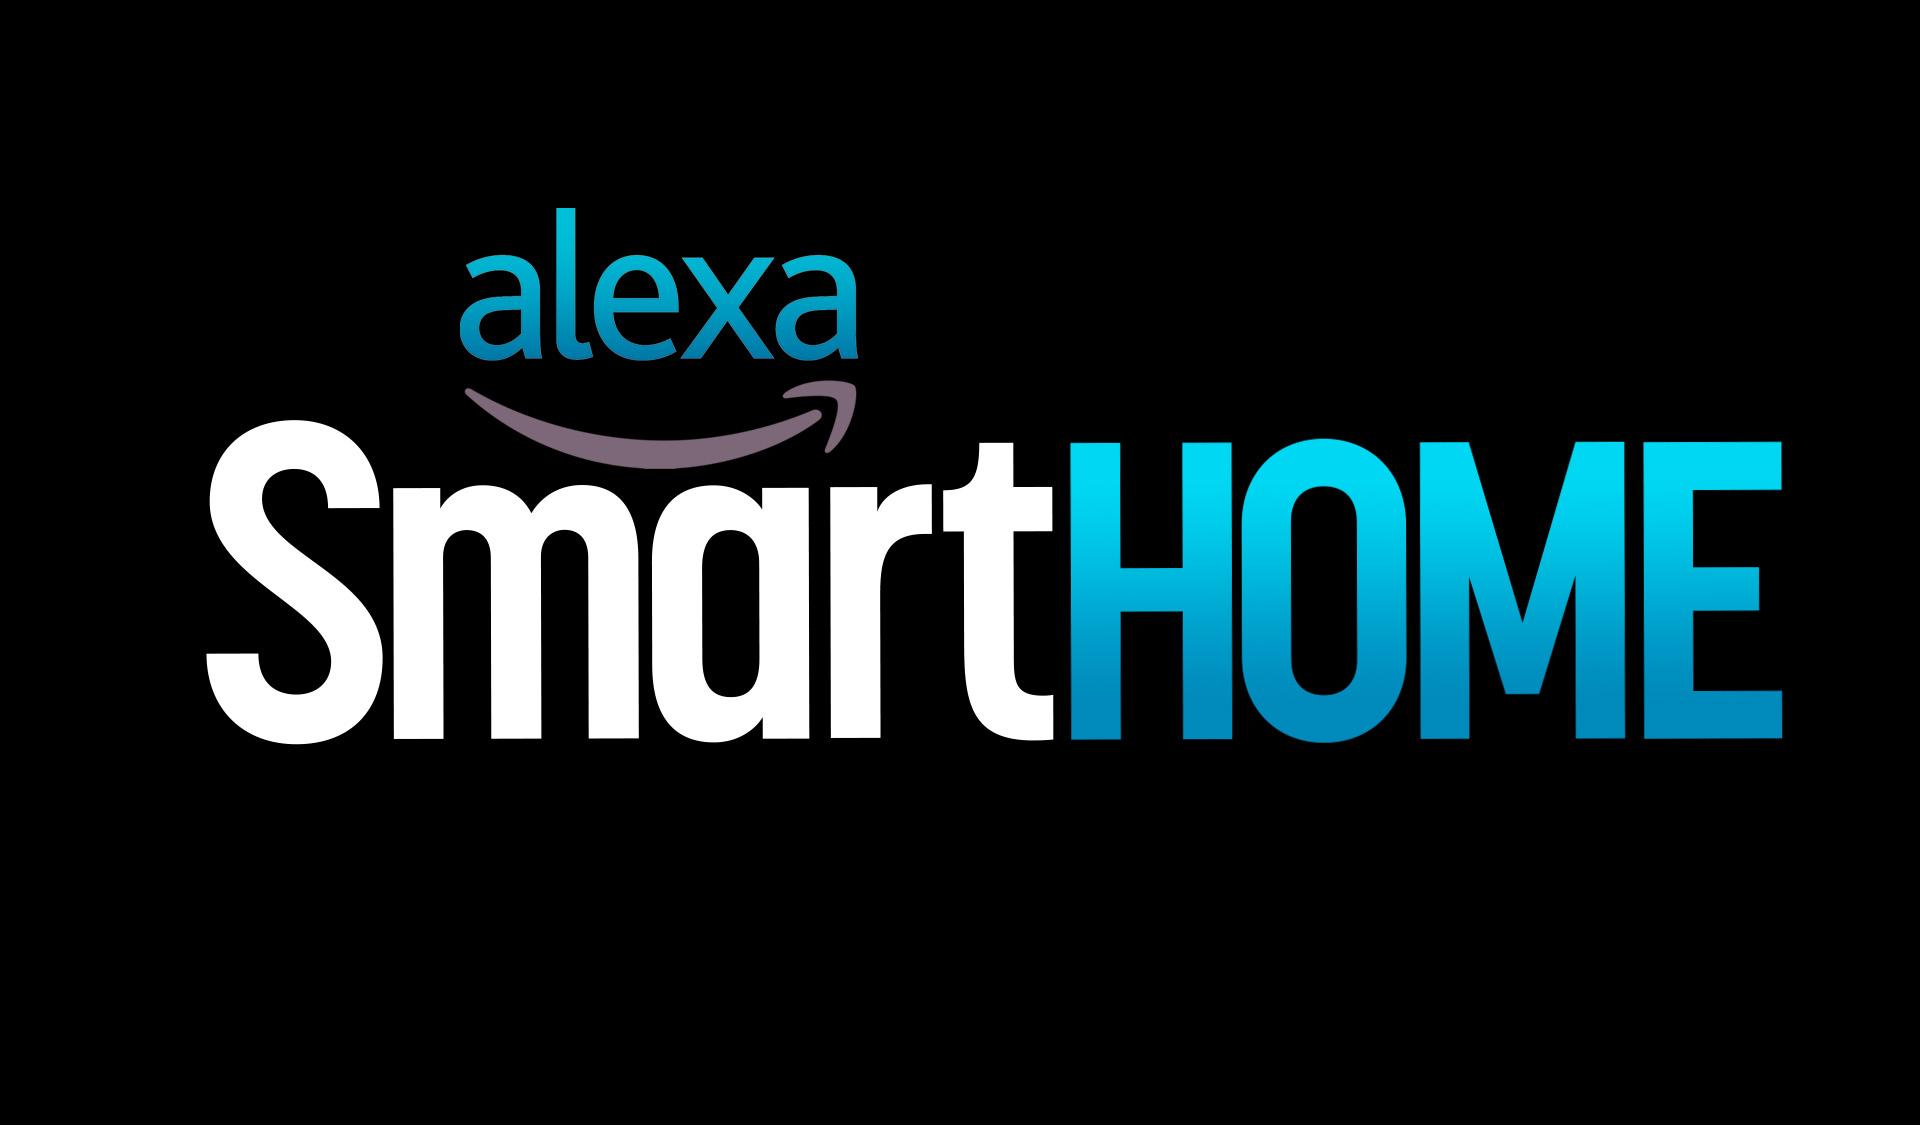 SMHome_Alexa.jpg